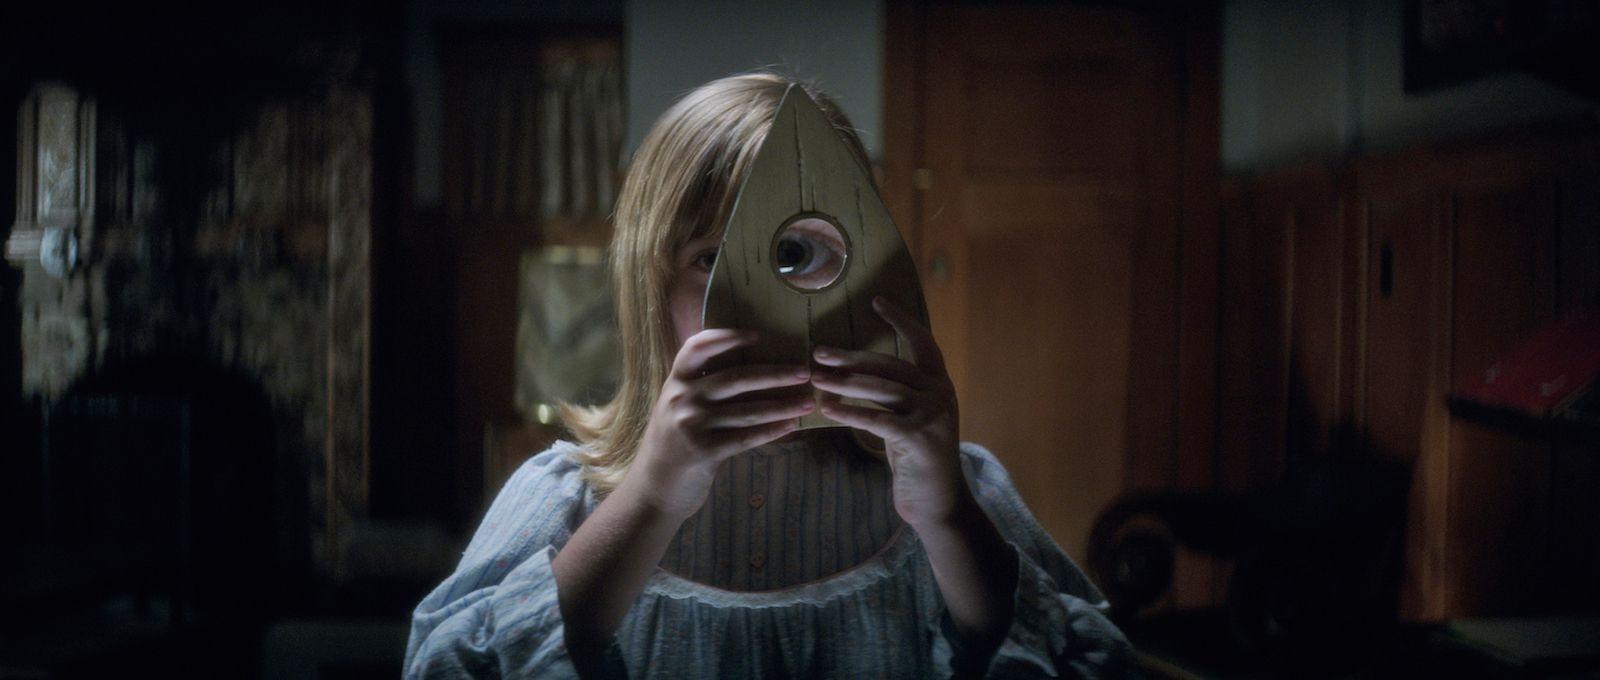 Ouija - L'origine del male: Lulu Wilson in una inquietante scena del film